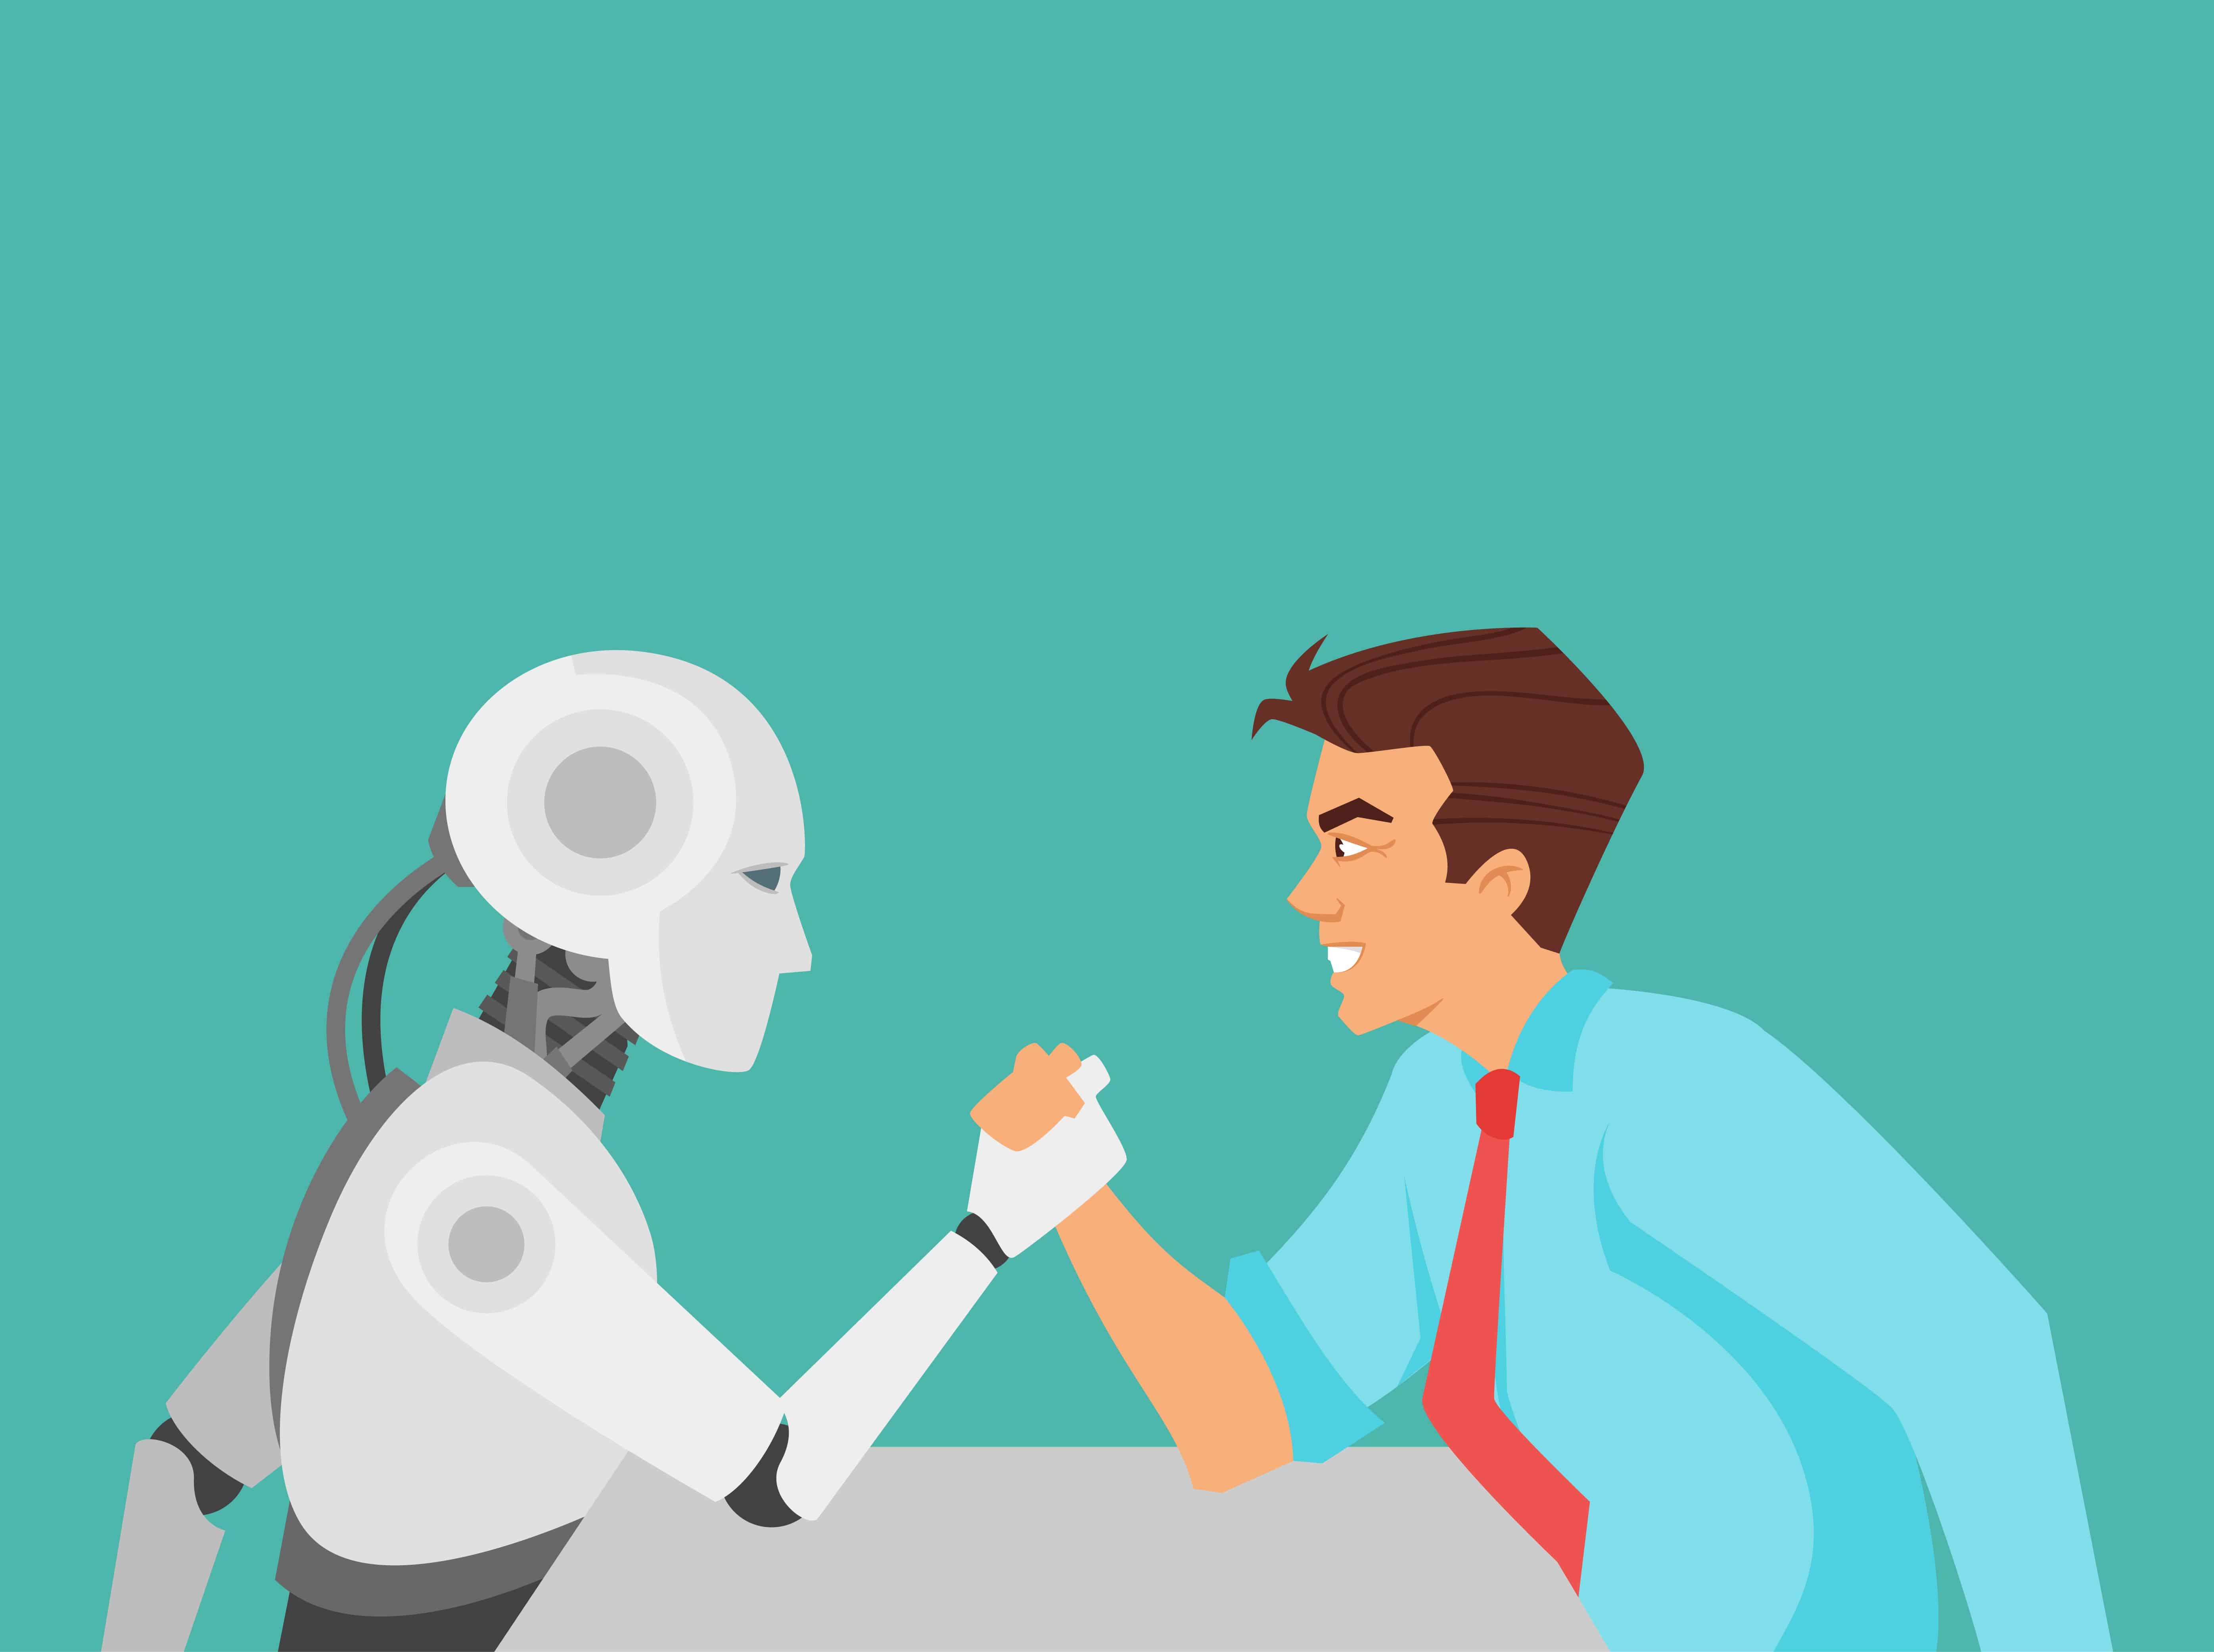 لماذا يتعلم البشر بشكل أسرع من الذكاء الاصطناعي... حتى اليوم